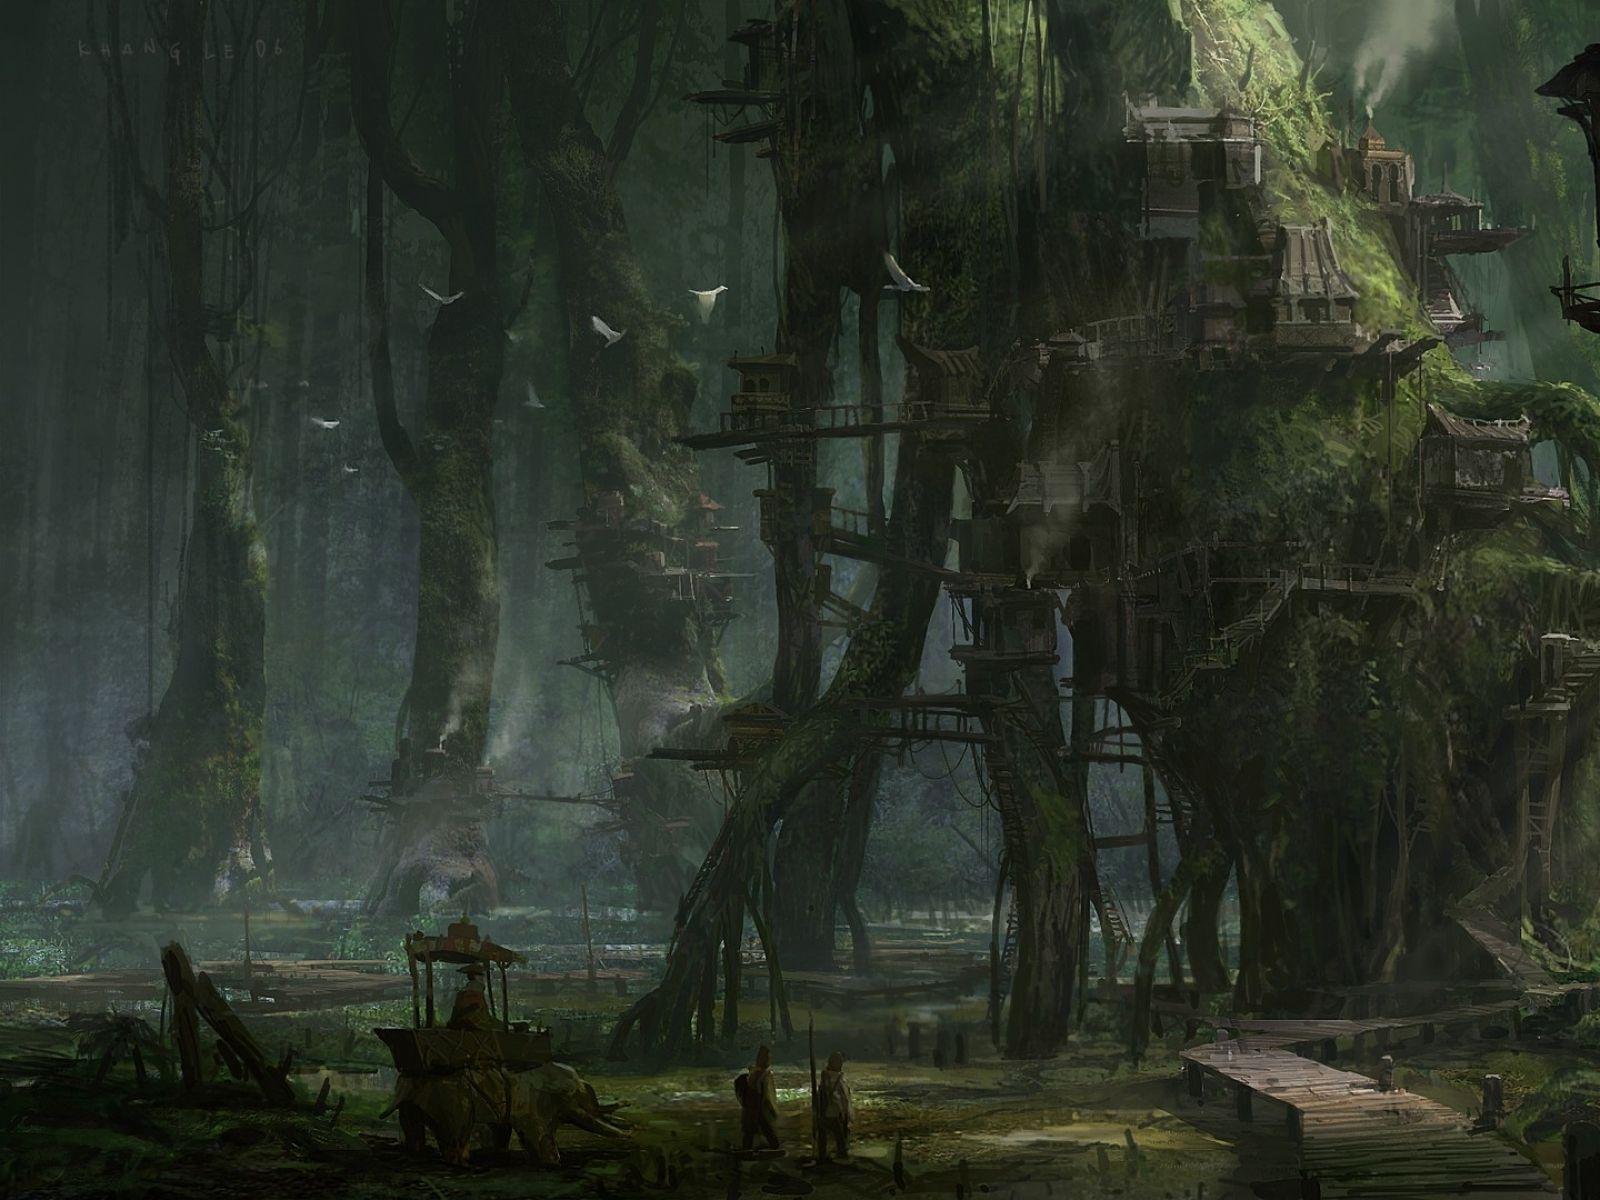 Fantasy Swamp Art 1600x1200 Town Artwork